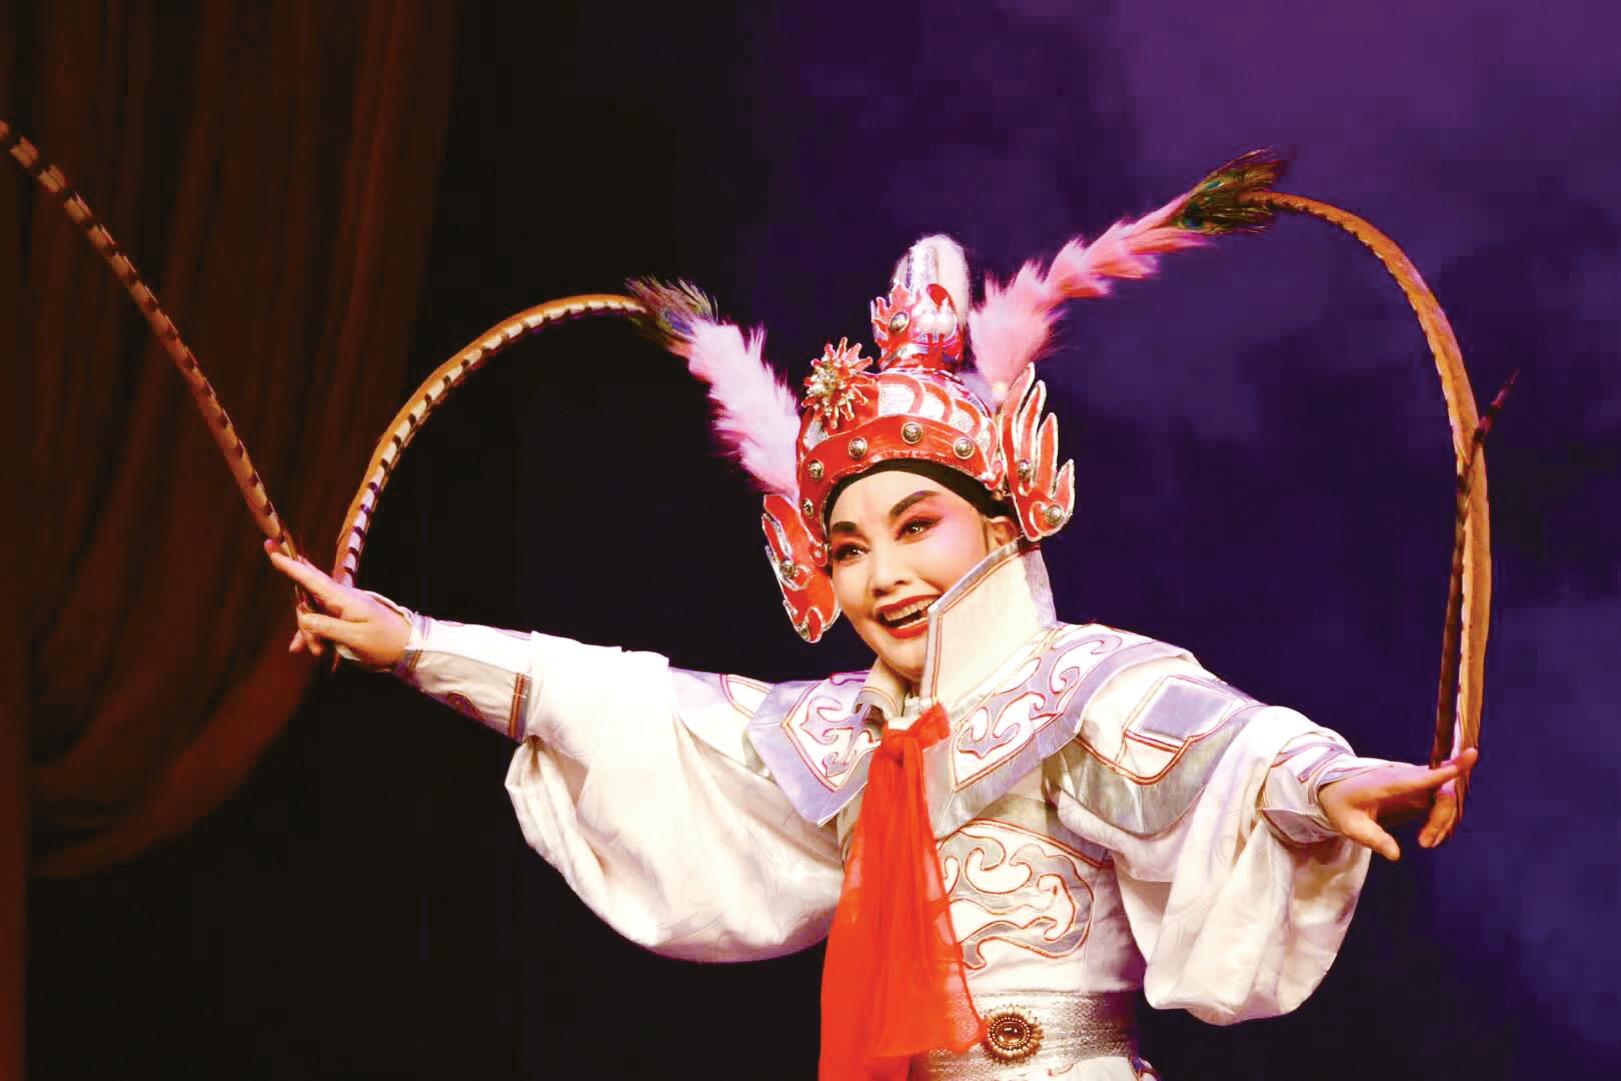 义乌婺剧团首位国家一级演员 楼巧珠和她的婺剧人生